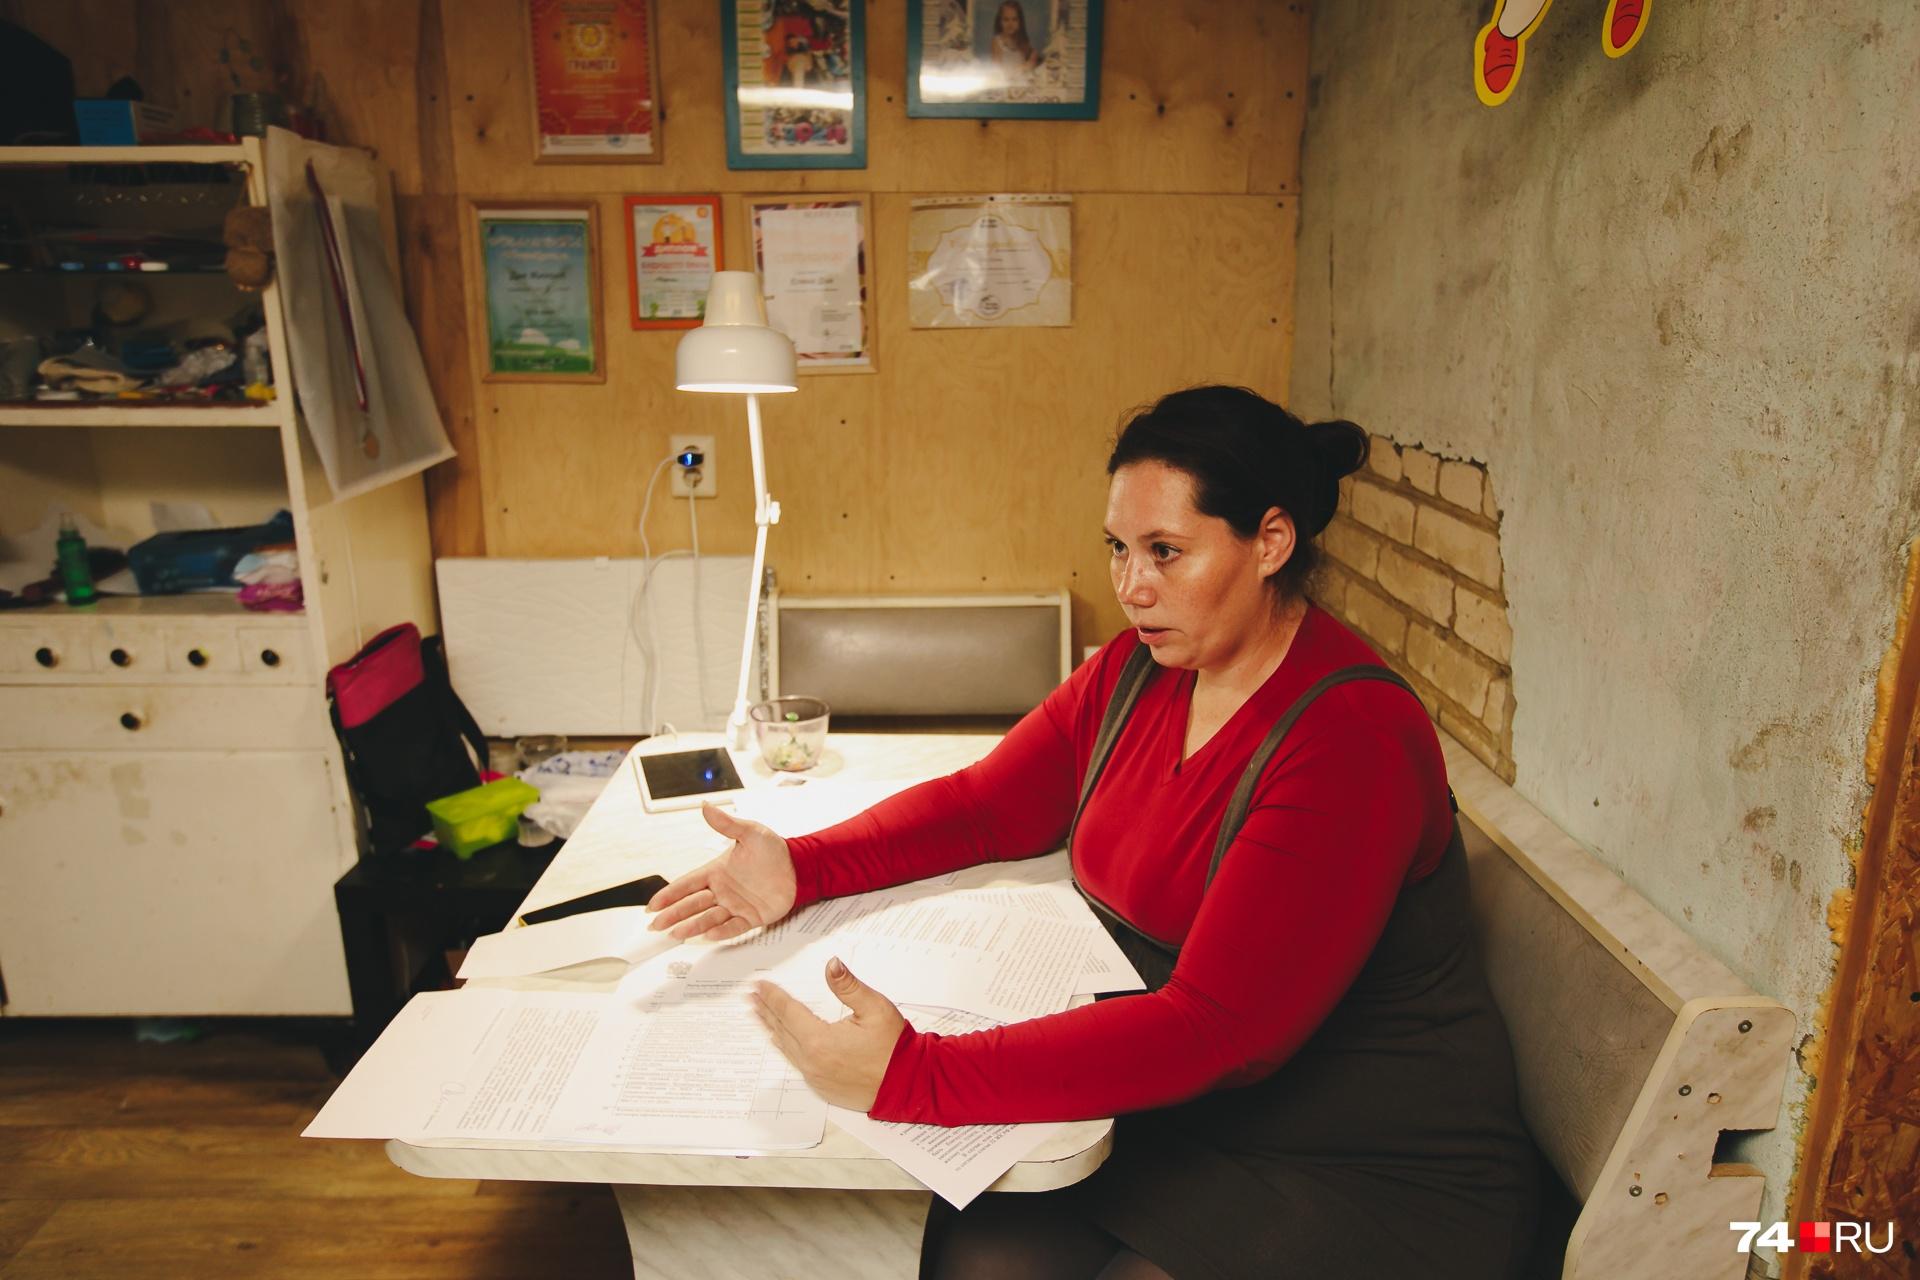 За дом женщине предложили компенсацию всего 520 тысяч рублей